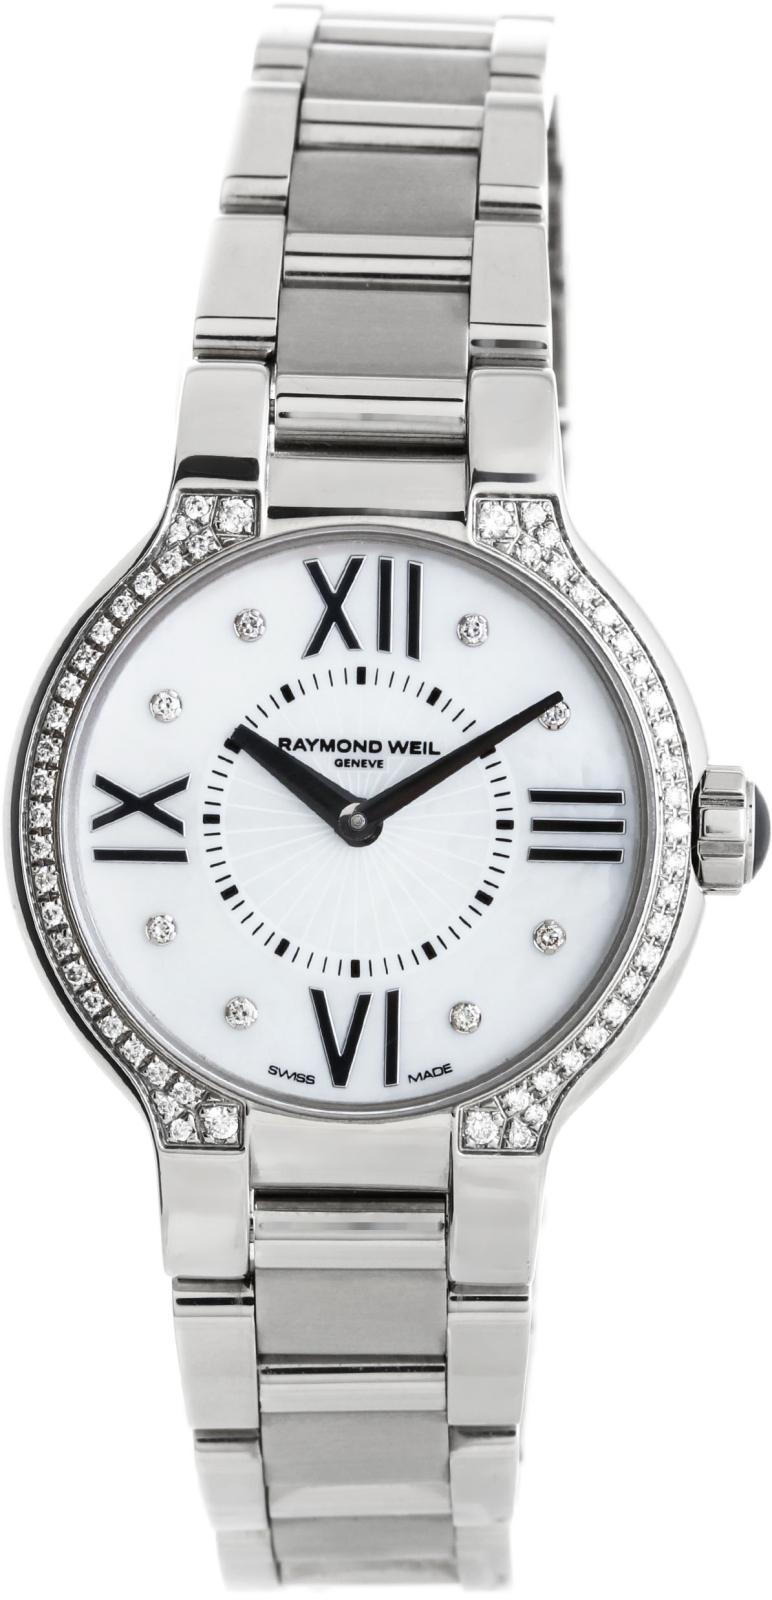 Raymond Weil Noemia 5927-STS-00995Наручные часы<br>Швейцарские часы Raymond Weil Noemia 5927-STS-00995Данная модель — яркий представитель коллекции Noemia. Это стильные женские часы. Материал корпуса часов — сталь. Стекло - сапфировое. Водозащита - 50 м. Цвет циферблата - белый. Диаметр корпуса часов составляет 32мм. Модель украшена бриллиантами.<br><br>Пол: Женские<br>Страна-производитель: Швейцария<br>Механизм: Кварцевый<br>Материал корпуса: Сталь<br>Материал ремня/браслета: Сталь<br>Водозащита, диапазон: 20 - 100 м<br>Стекло: Сапфировое<br>Толщина корпуса: None<br>Стиль: Мода